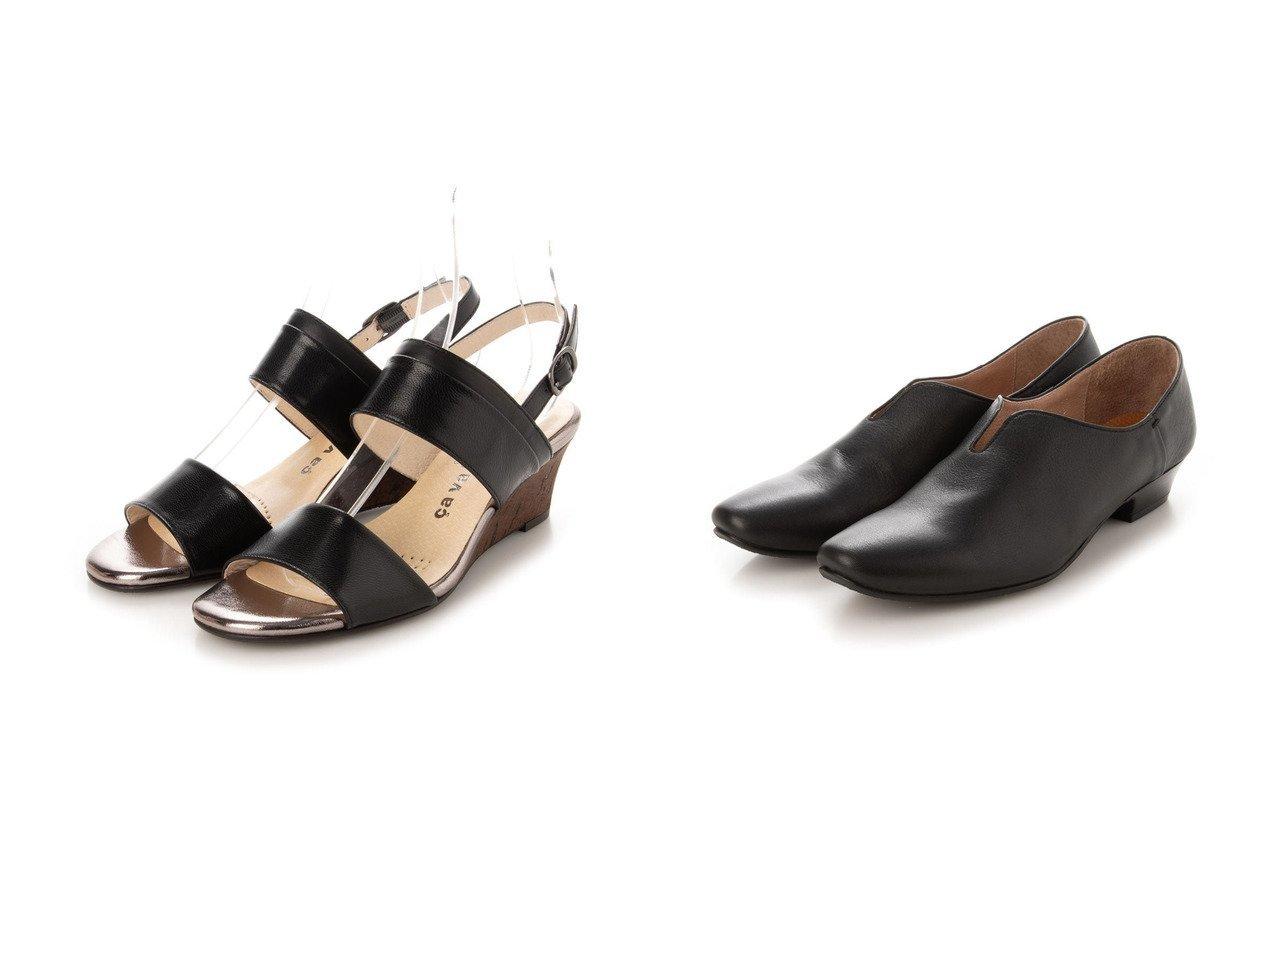 【cava cava/サヴァサヴァ】のバックベルトサンダル&Vカットフラットシューズ 【シューズ・靴】おすすめ!人気、トレンド・レディースファッションの通販 おすすめで人気の流行・トレンド、ファッションの通販商品 インテリア・家具・メンズファッション・キッズファッション・レディースファッション・服の通販 founy(ファニー) https://founy.com/ ファッション Fashion レディースファッション WOMEN バッグ Bag ベルト Belts 2021年 2021 2021春夏・S/S SS/Spring/Summer/2021 S/S・春夏 SS・Spring/Summer シューズ シンプル ポインテッド 夏 Summer 春 Spring |ID:crp329100000053128